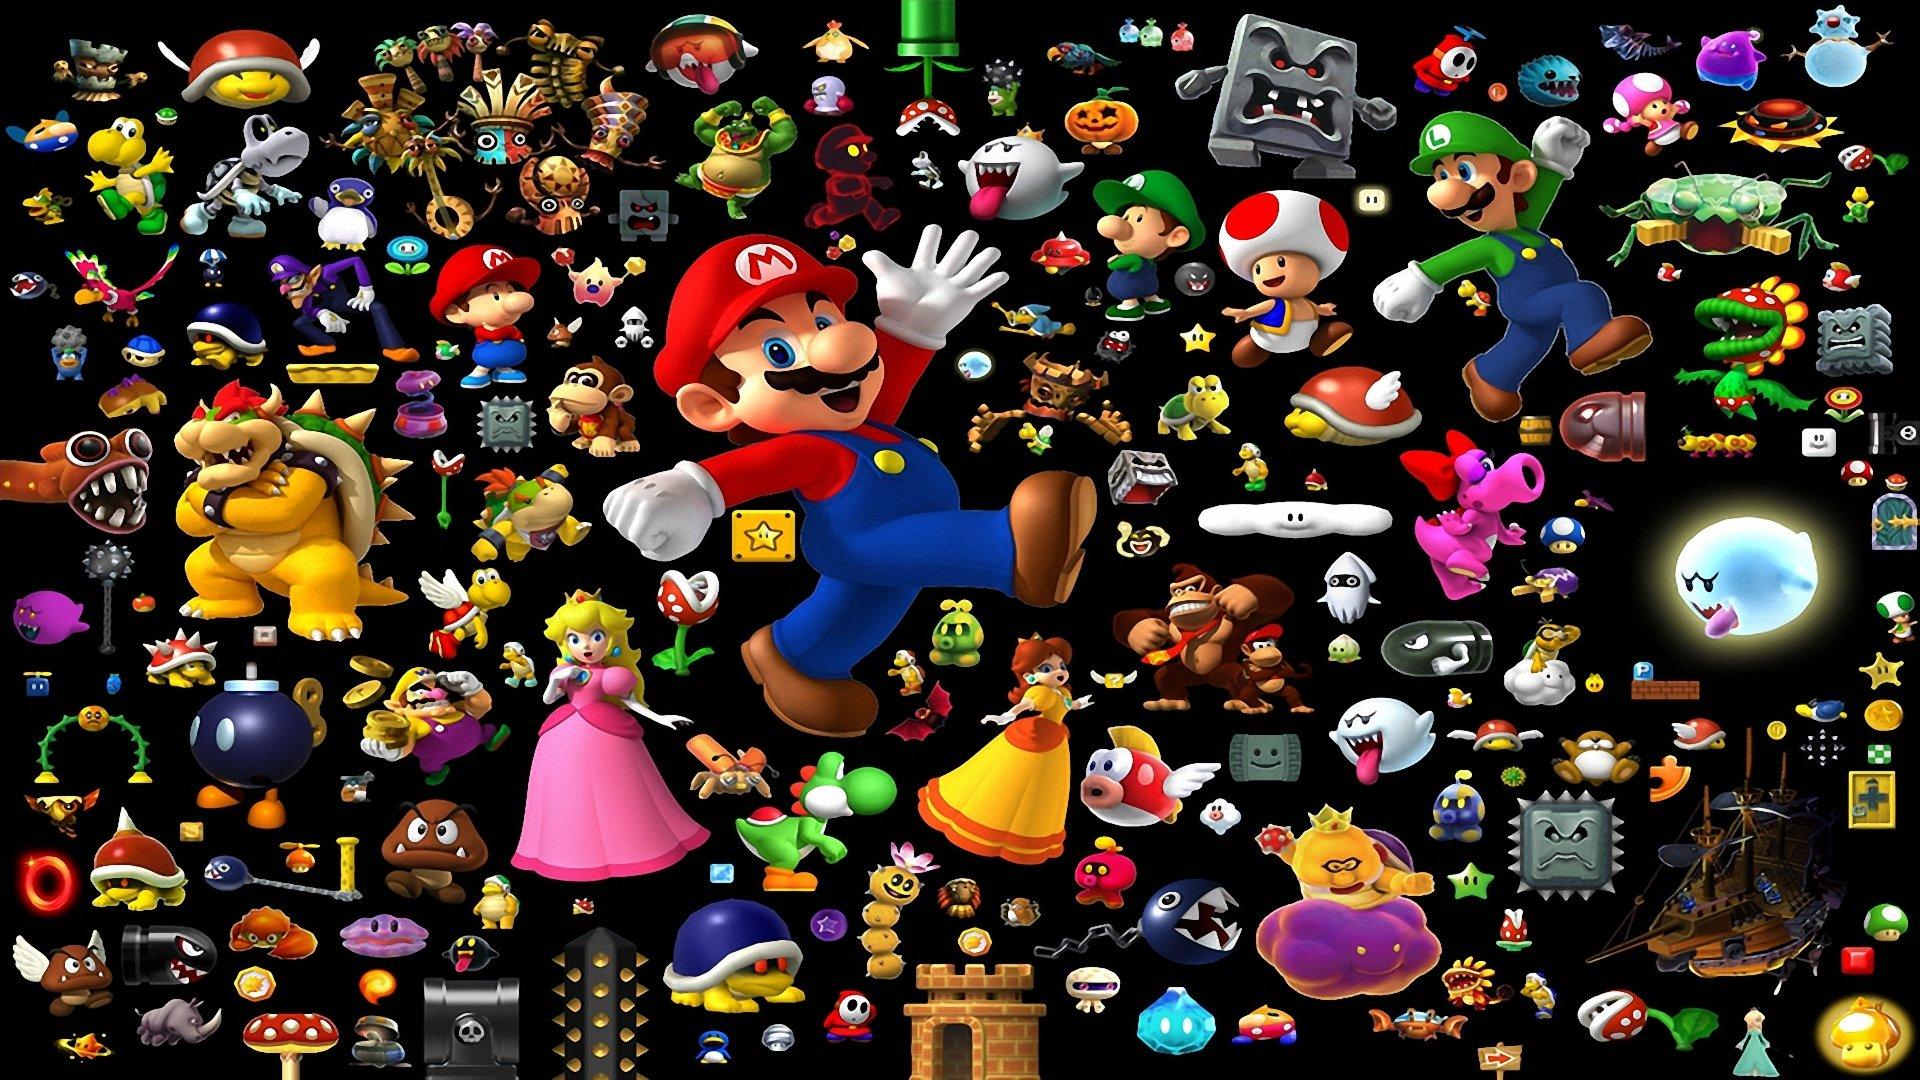 Super Mario All Stars Super Mario World Hd Wallpaper